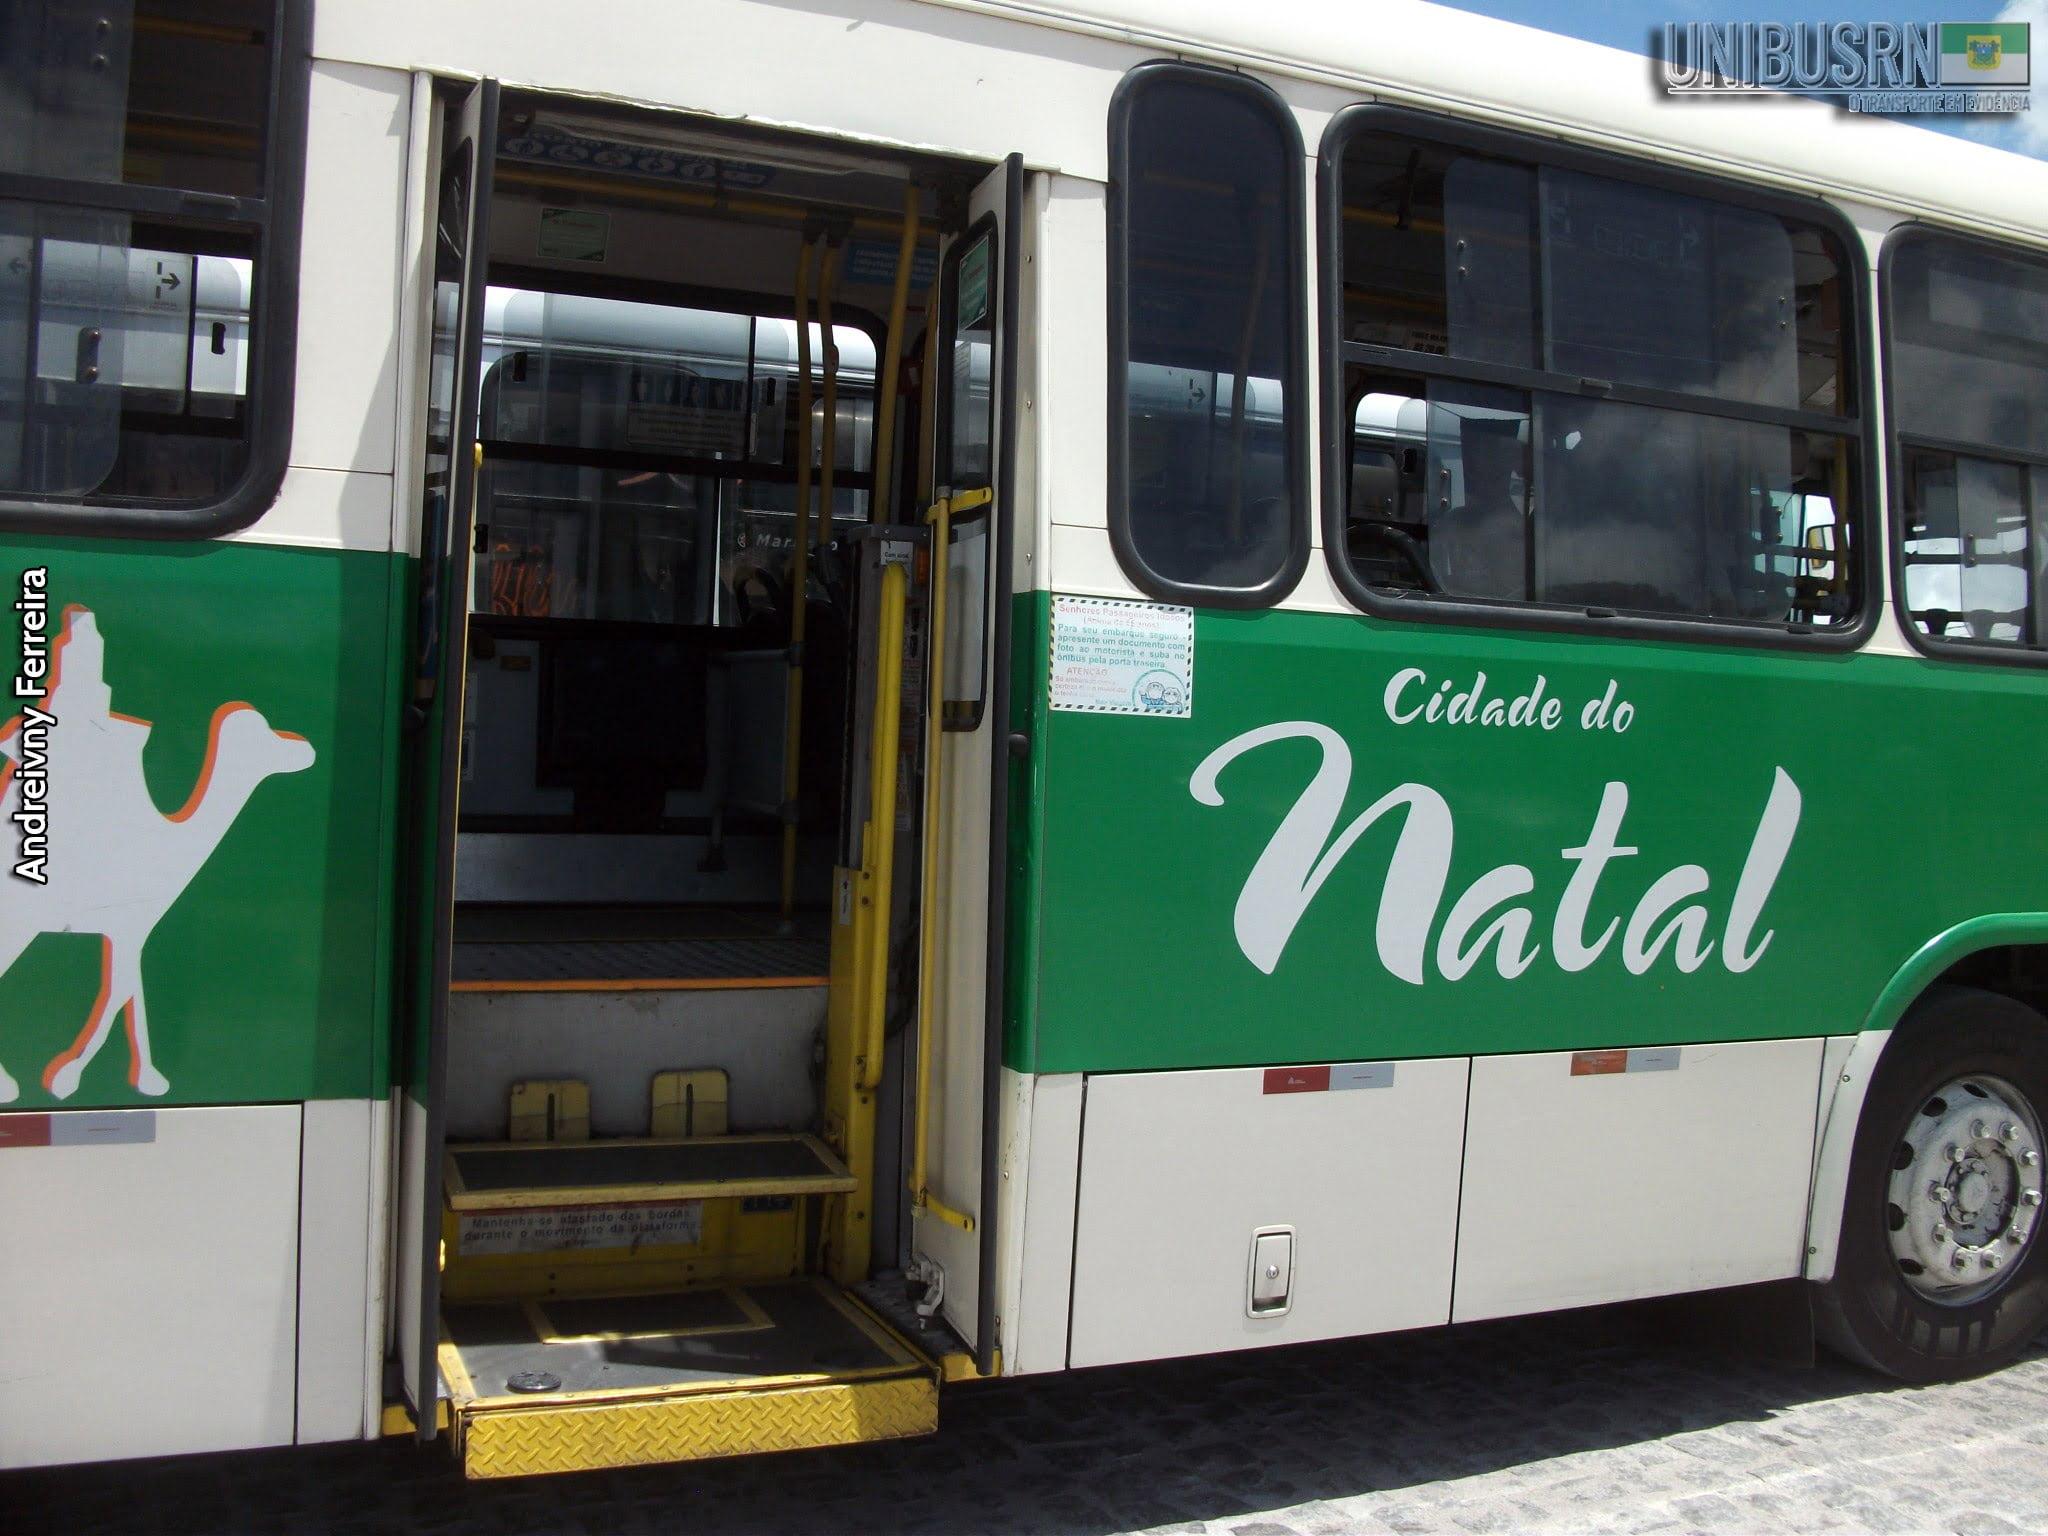 #TBT UNIBUS RN: Ônibus da Cidade do Natal rodando em linha da Zona Norte?